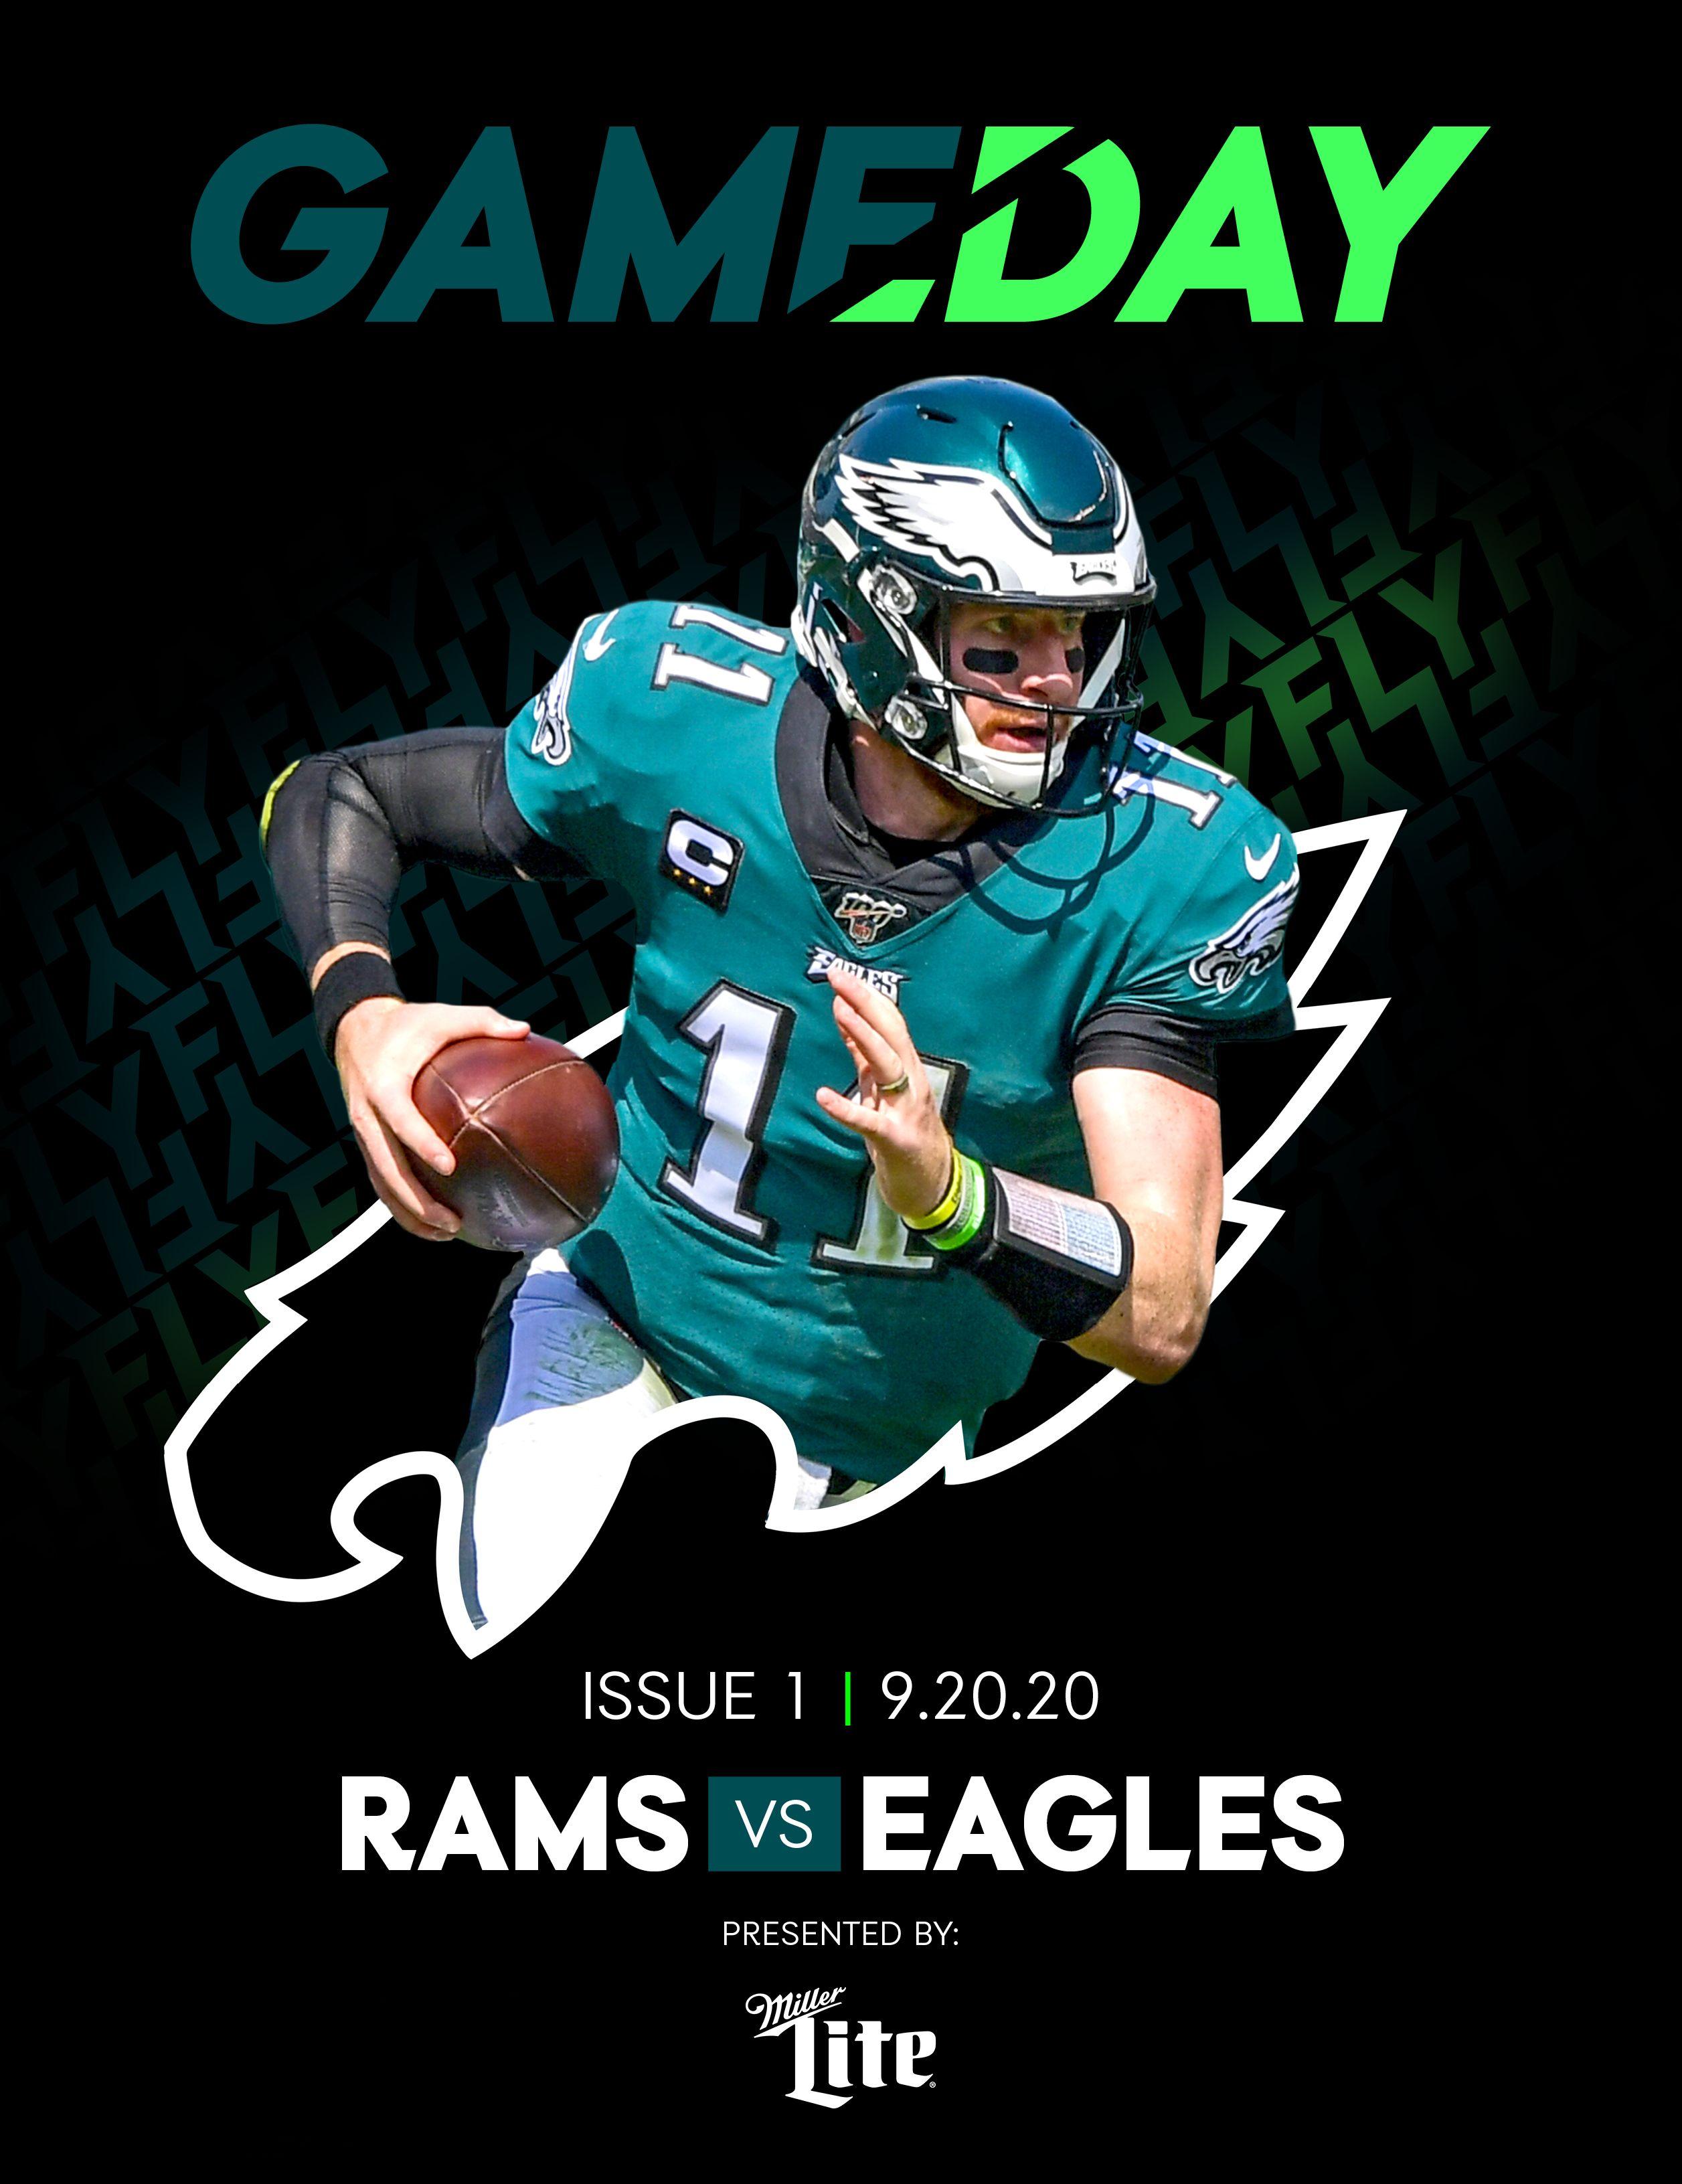 Rams vs. Eagles